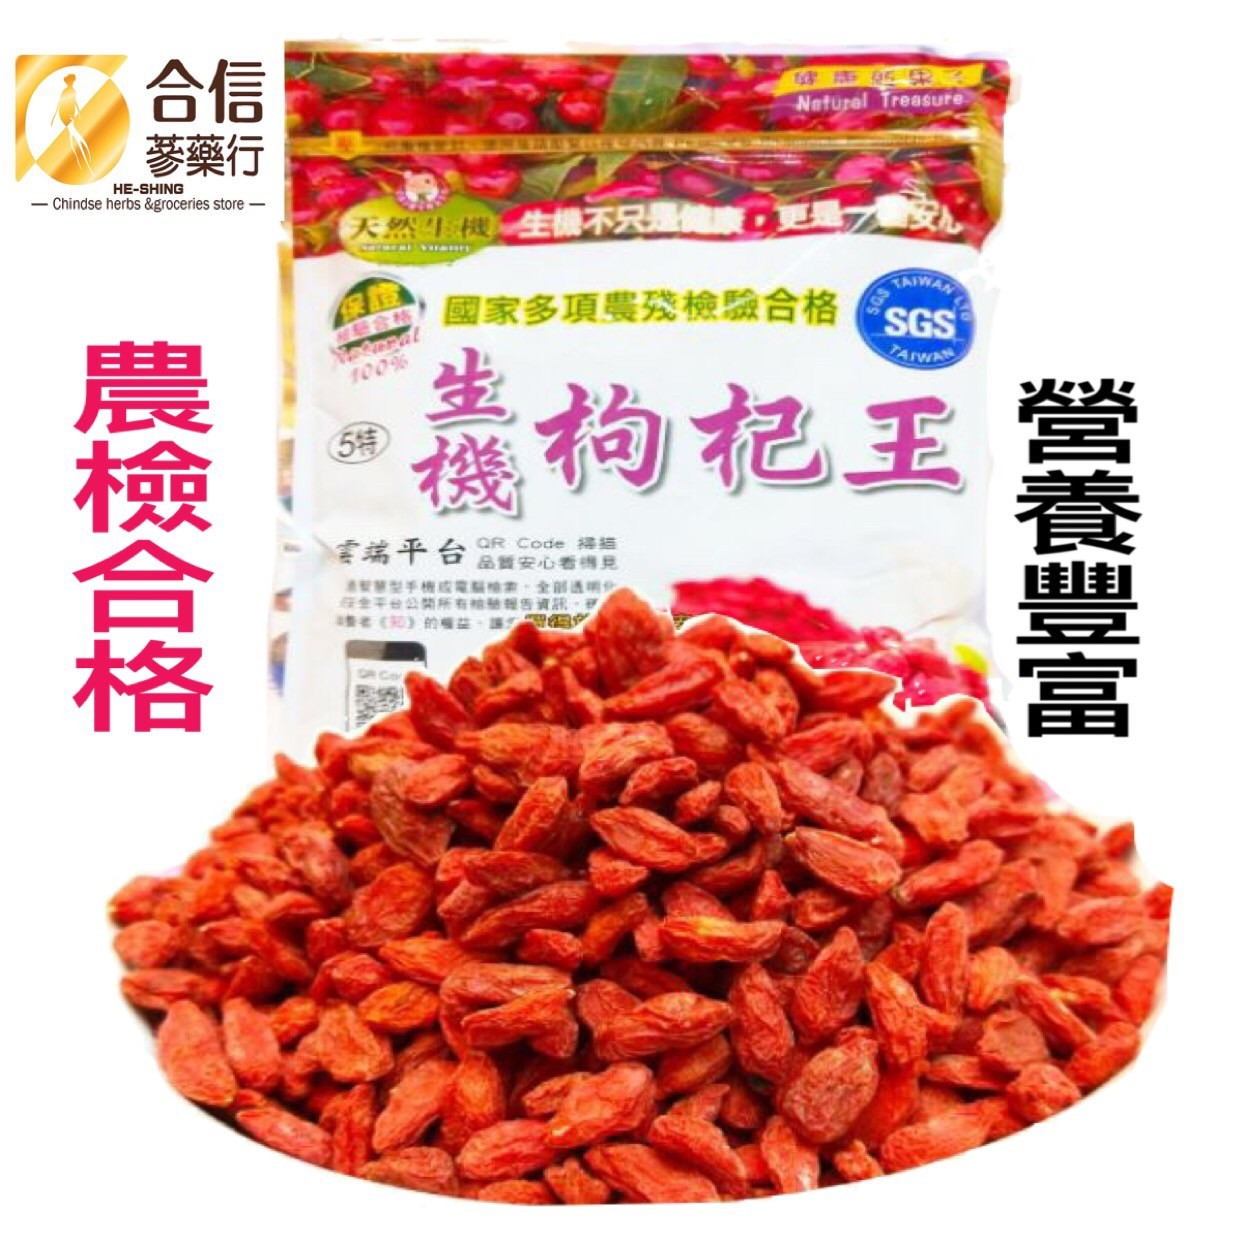 【正元堂】生機枸杞600g大粒農檢合格 安心食材